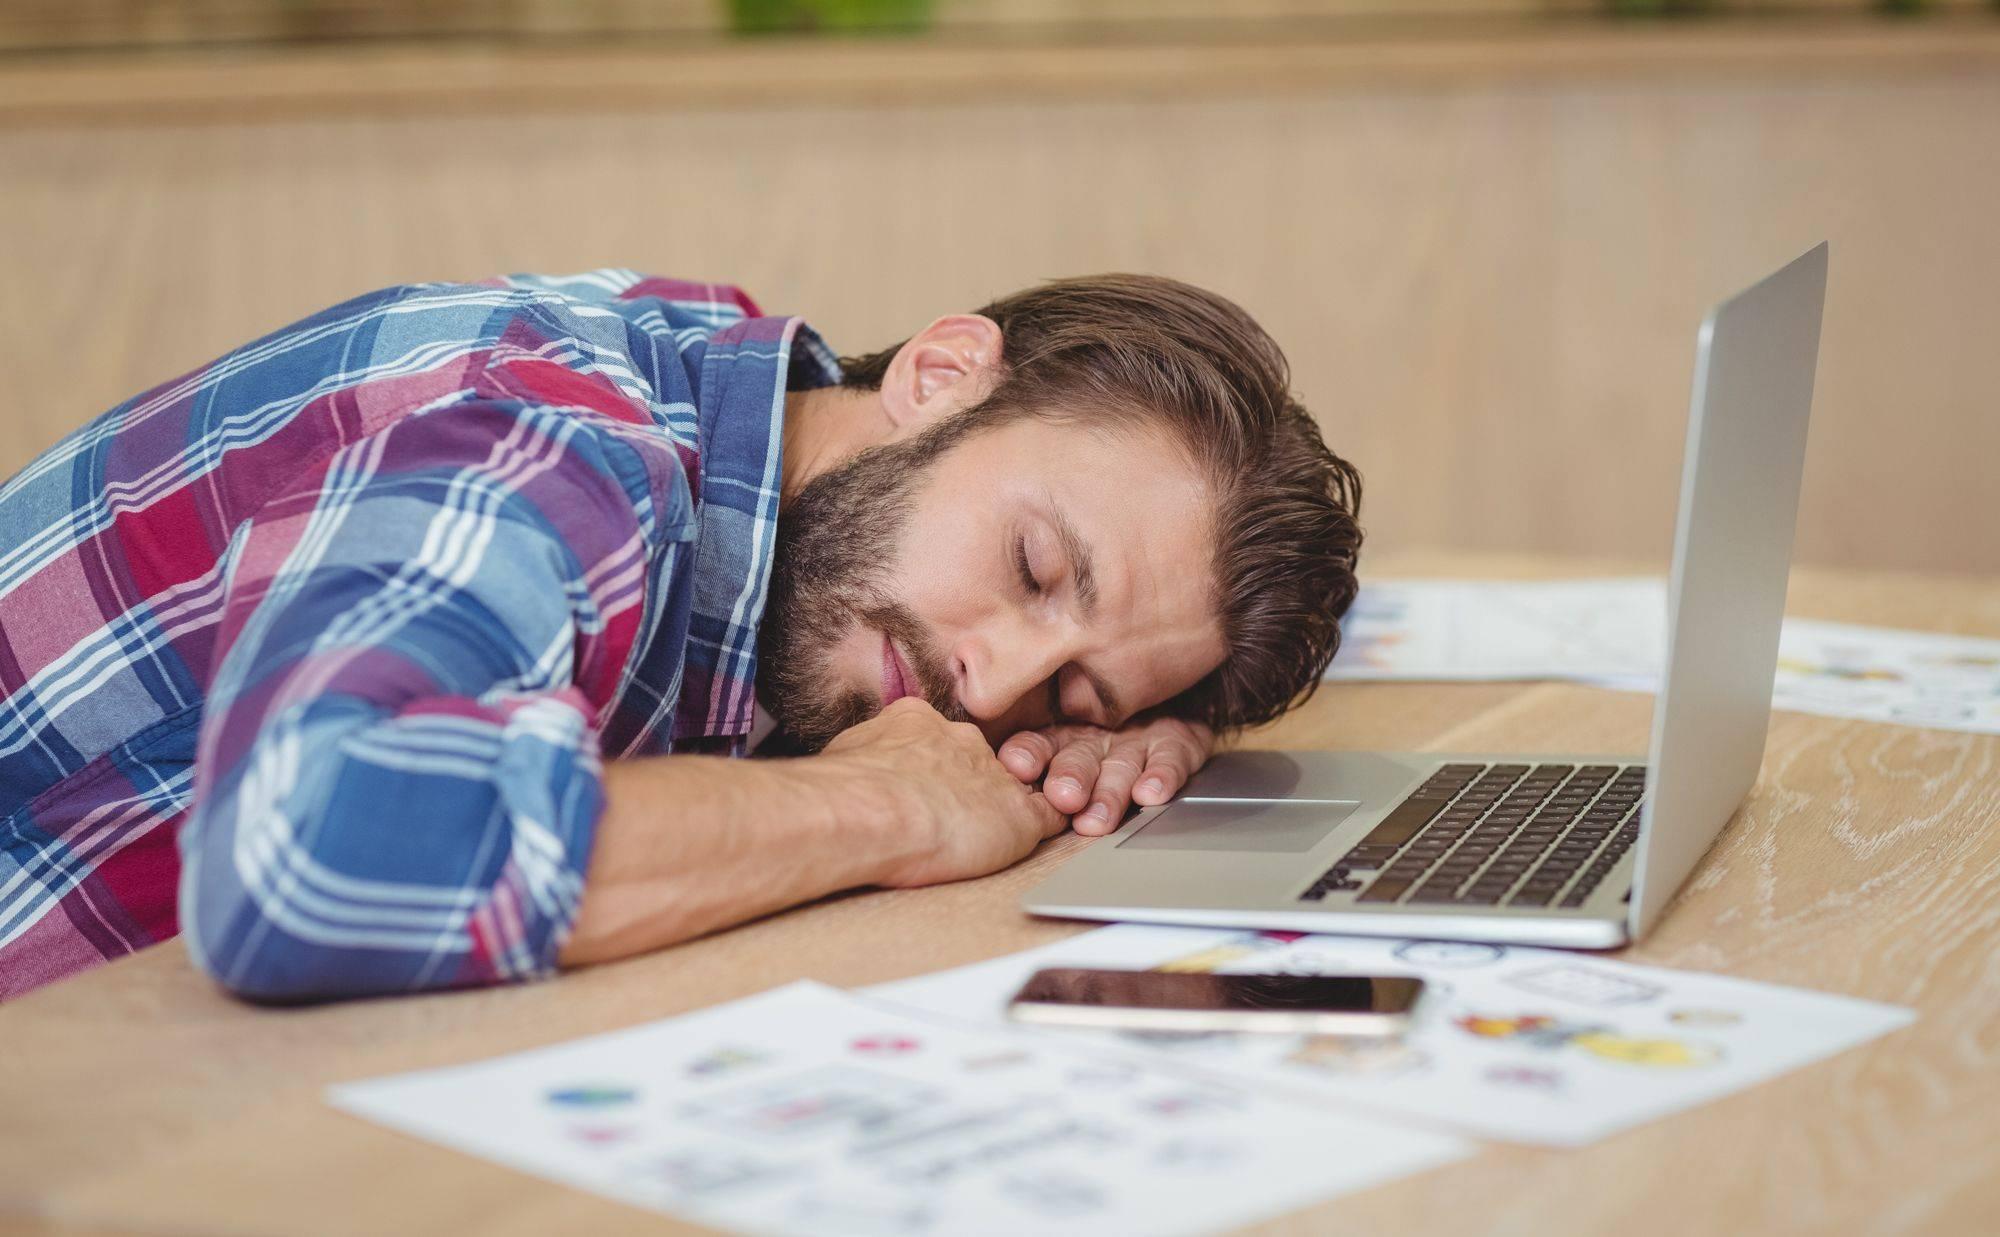 Как успокоить и усыпить пьяного (агрессивного) человека в домашних условиях?